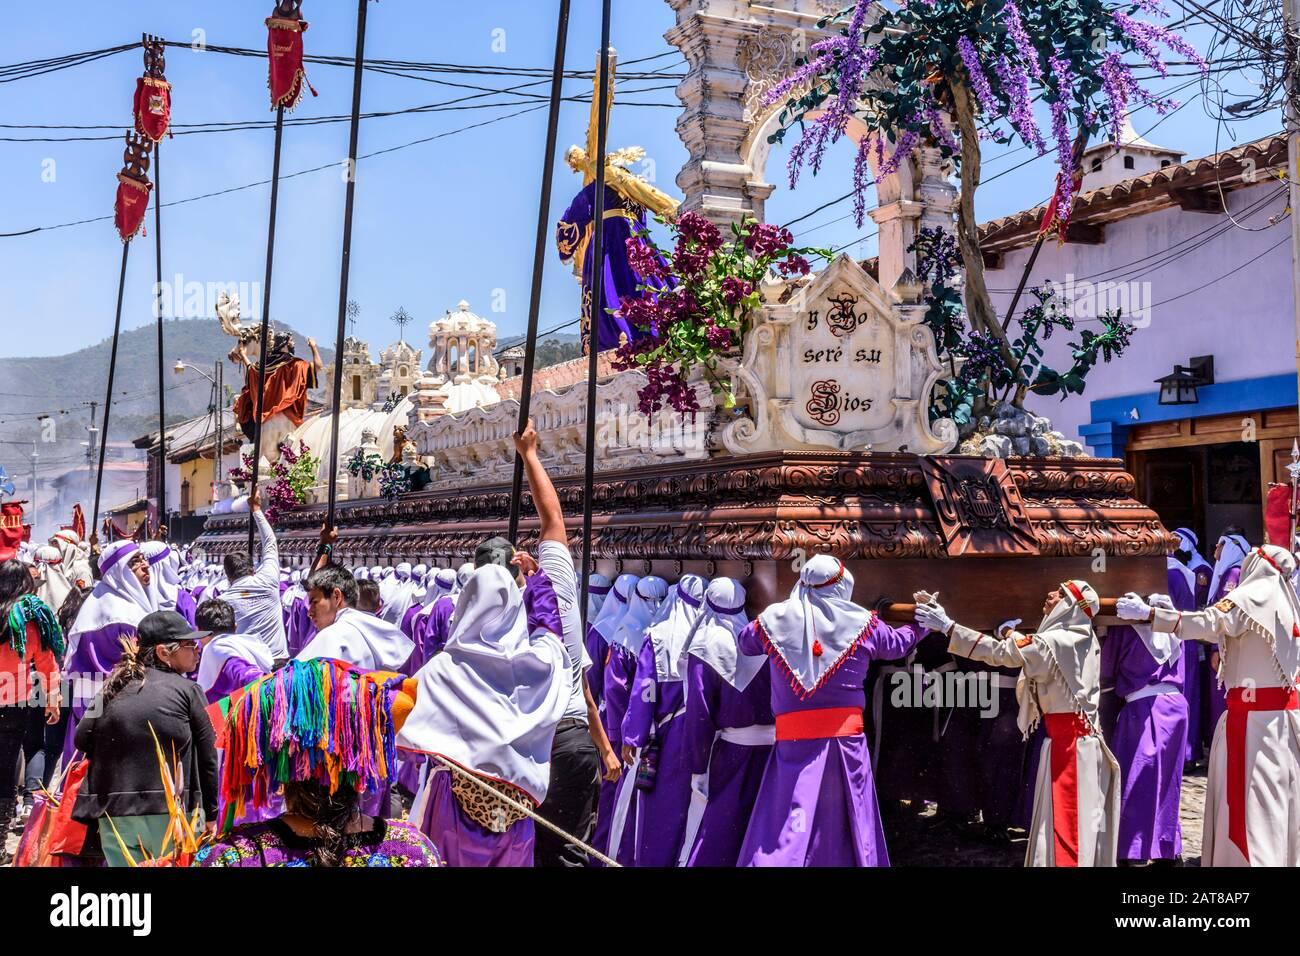 Antigua, Guatemala - 14. April 2019: Palmsonntagsprozession im UNESCO-Weltkulturerbe mit berühmten Feiern der Karwoche. Stockfoto